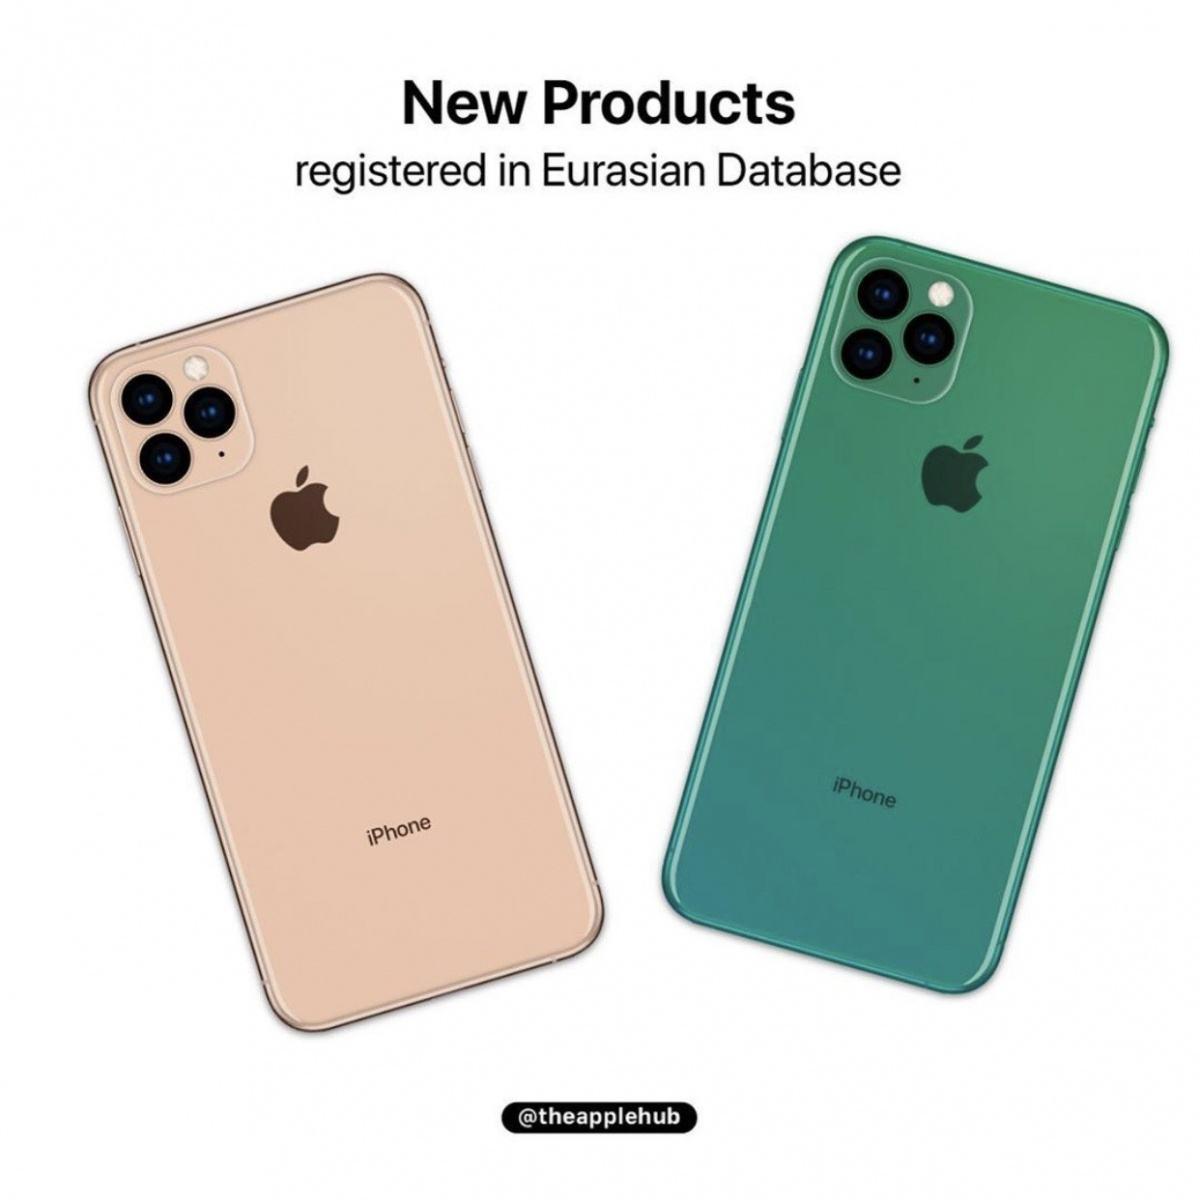 iPhone 11硬件预测、产品逻辑及影响分析